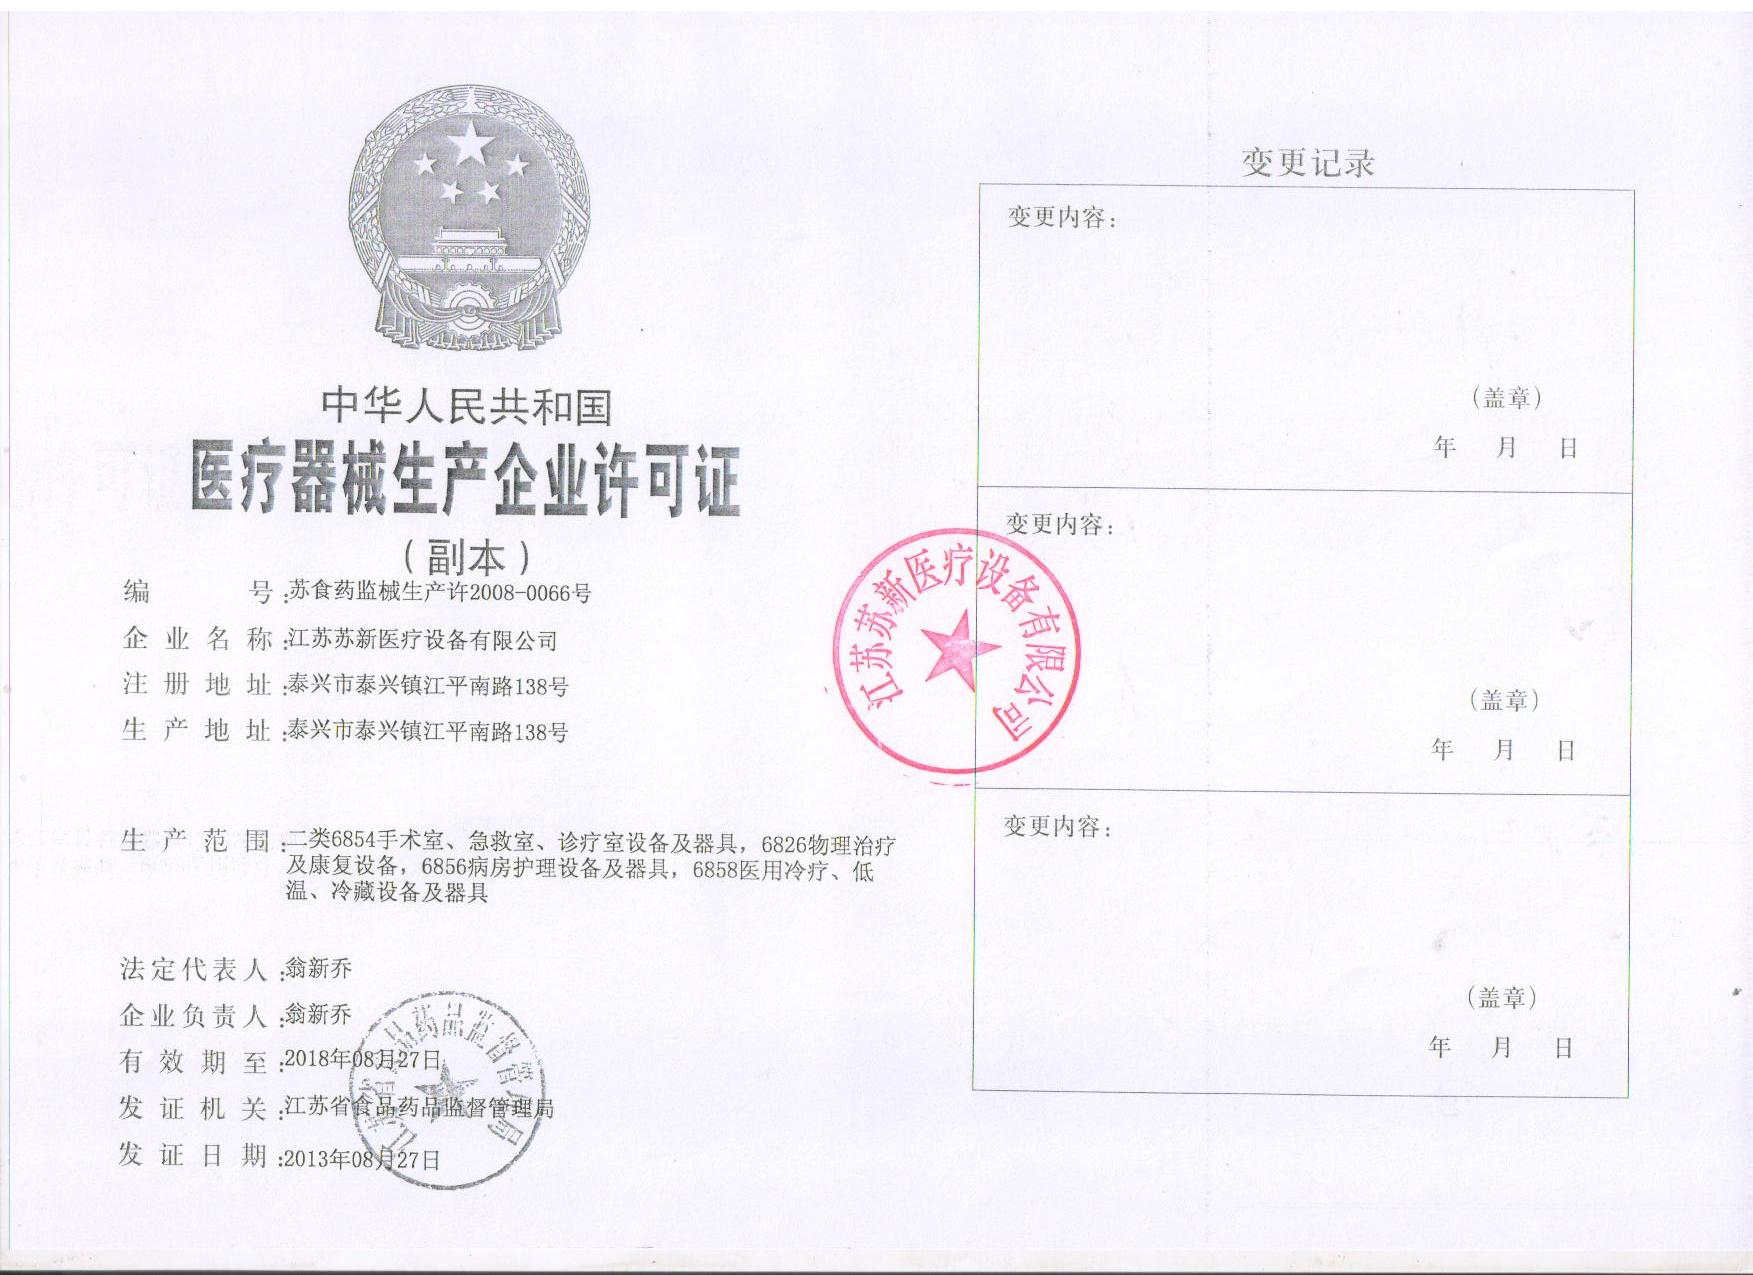 CFDA License-suxishiyaojianxieshengchanxu2008-0066